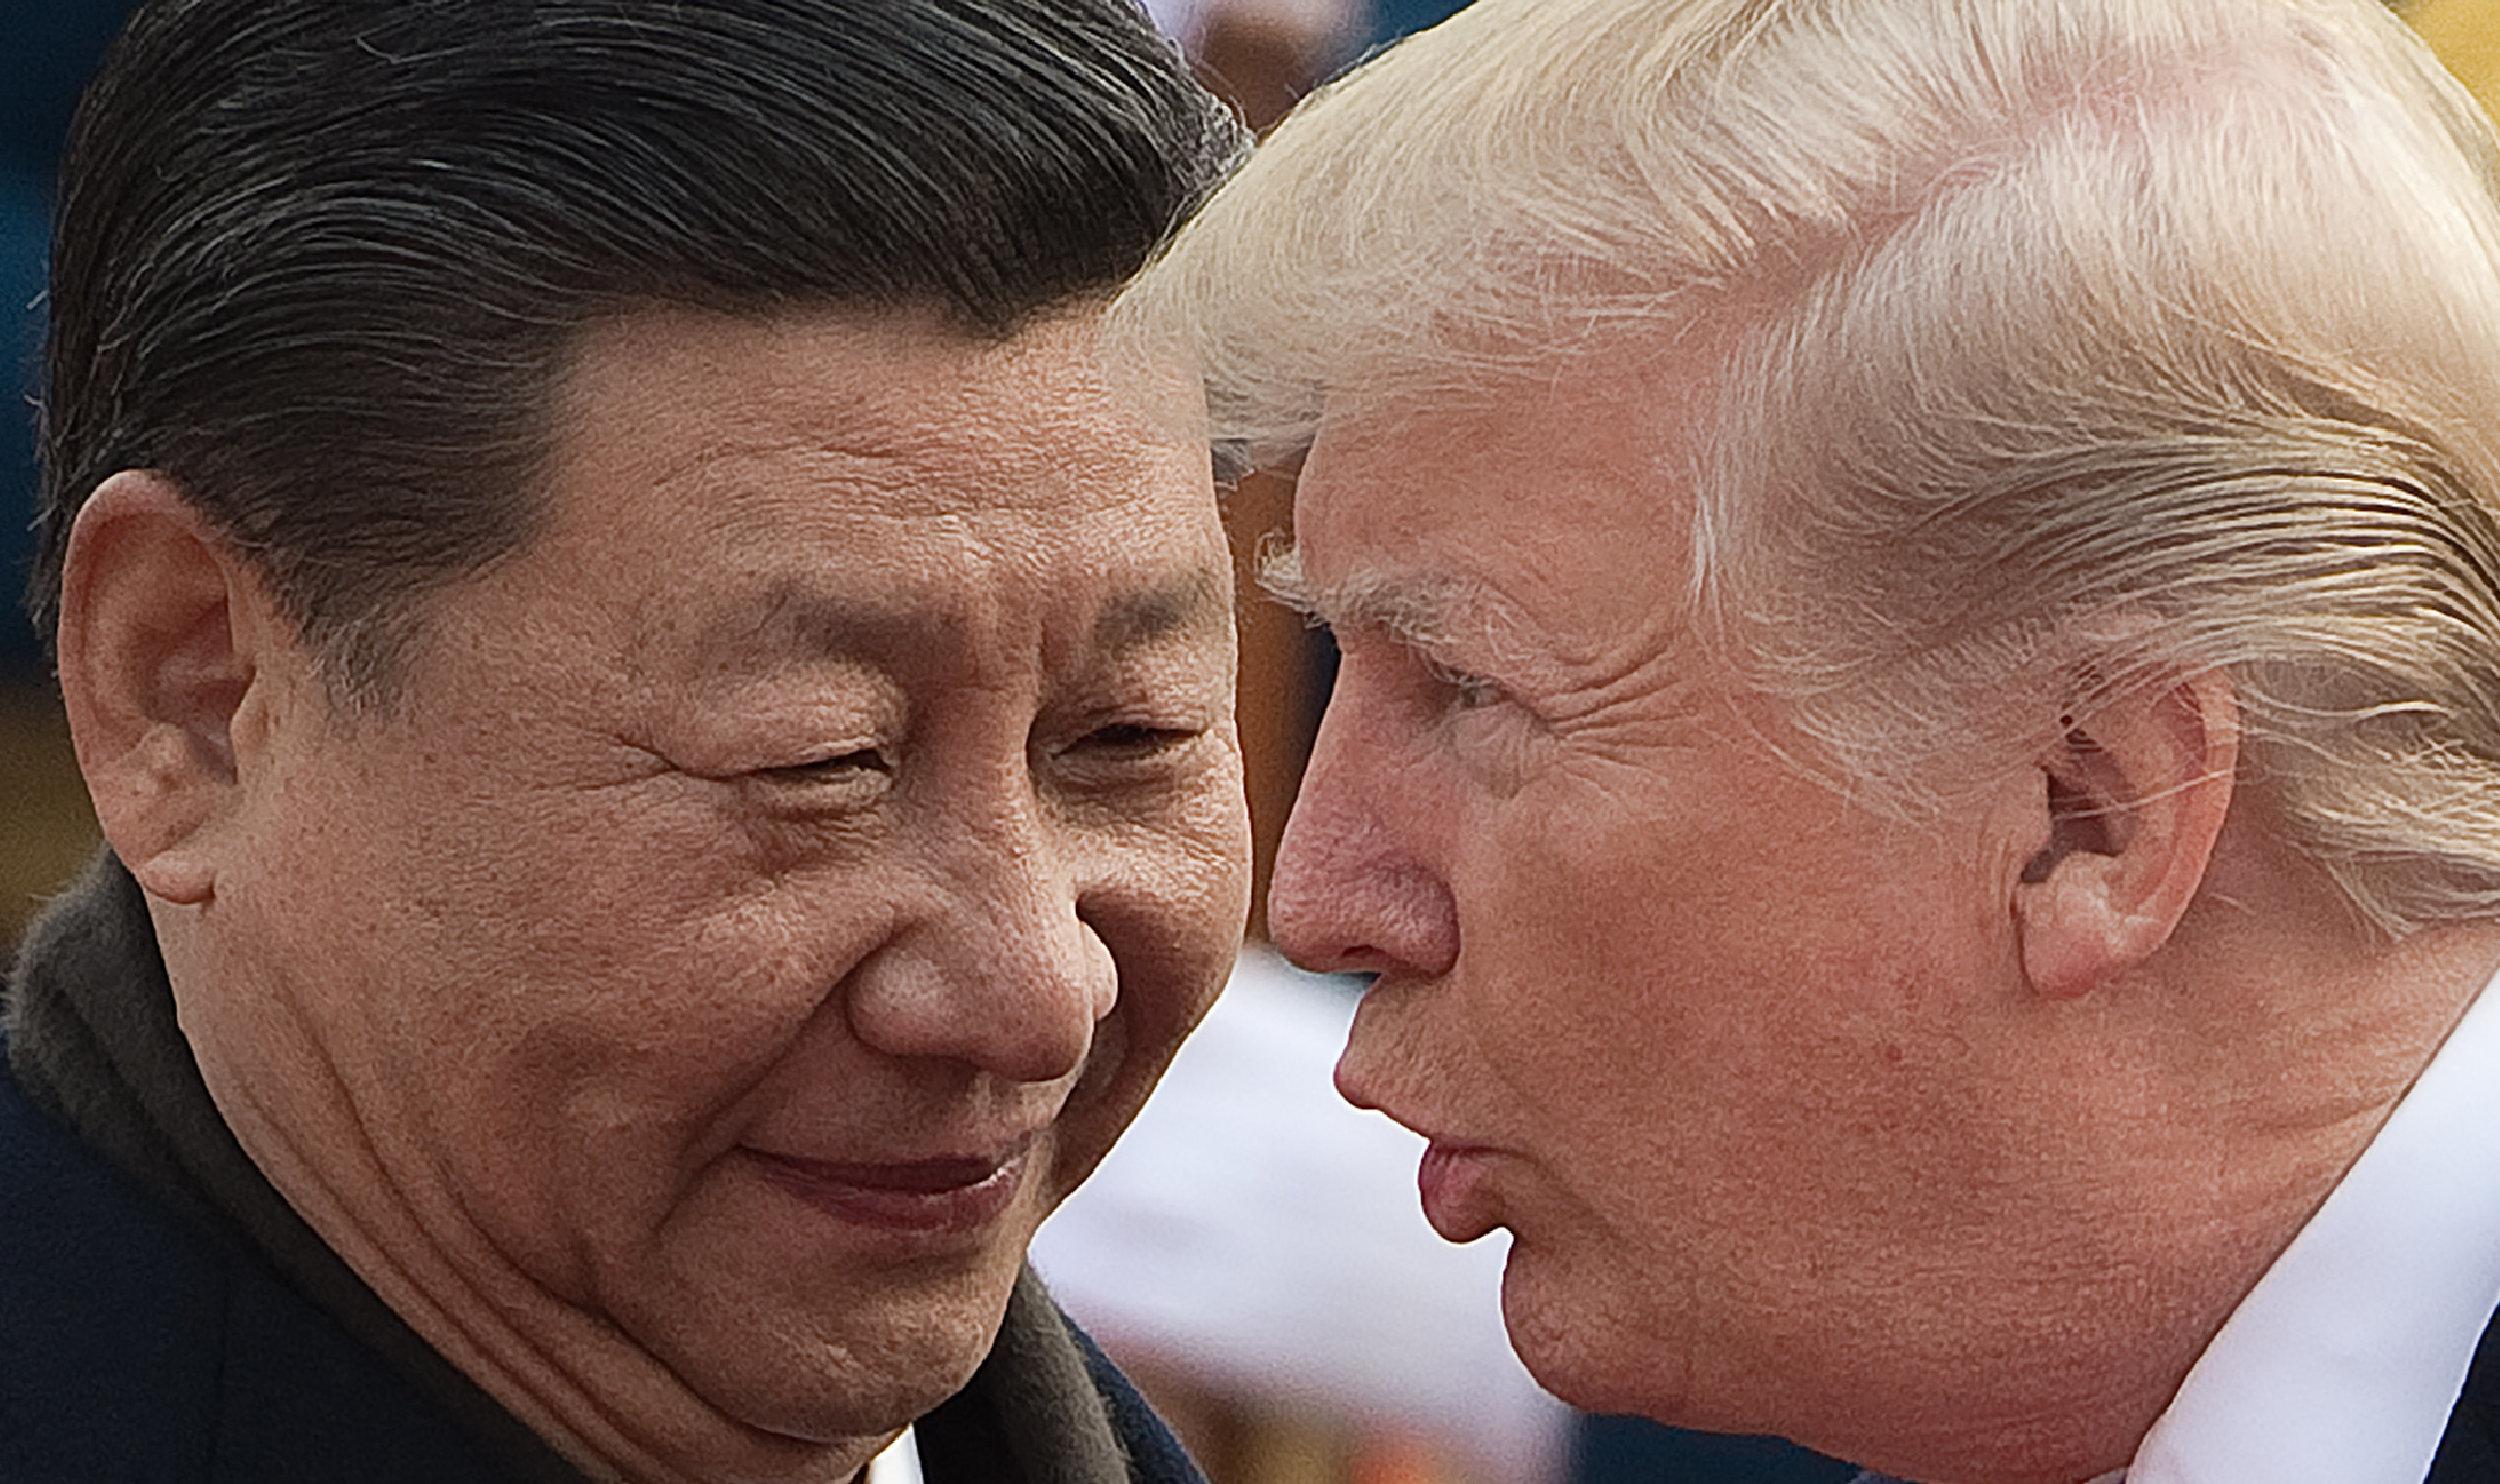 중국이 말한 '보복조치'는 이 네 가지가 될